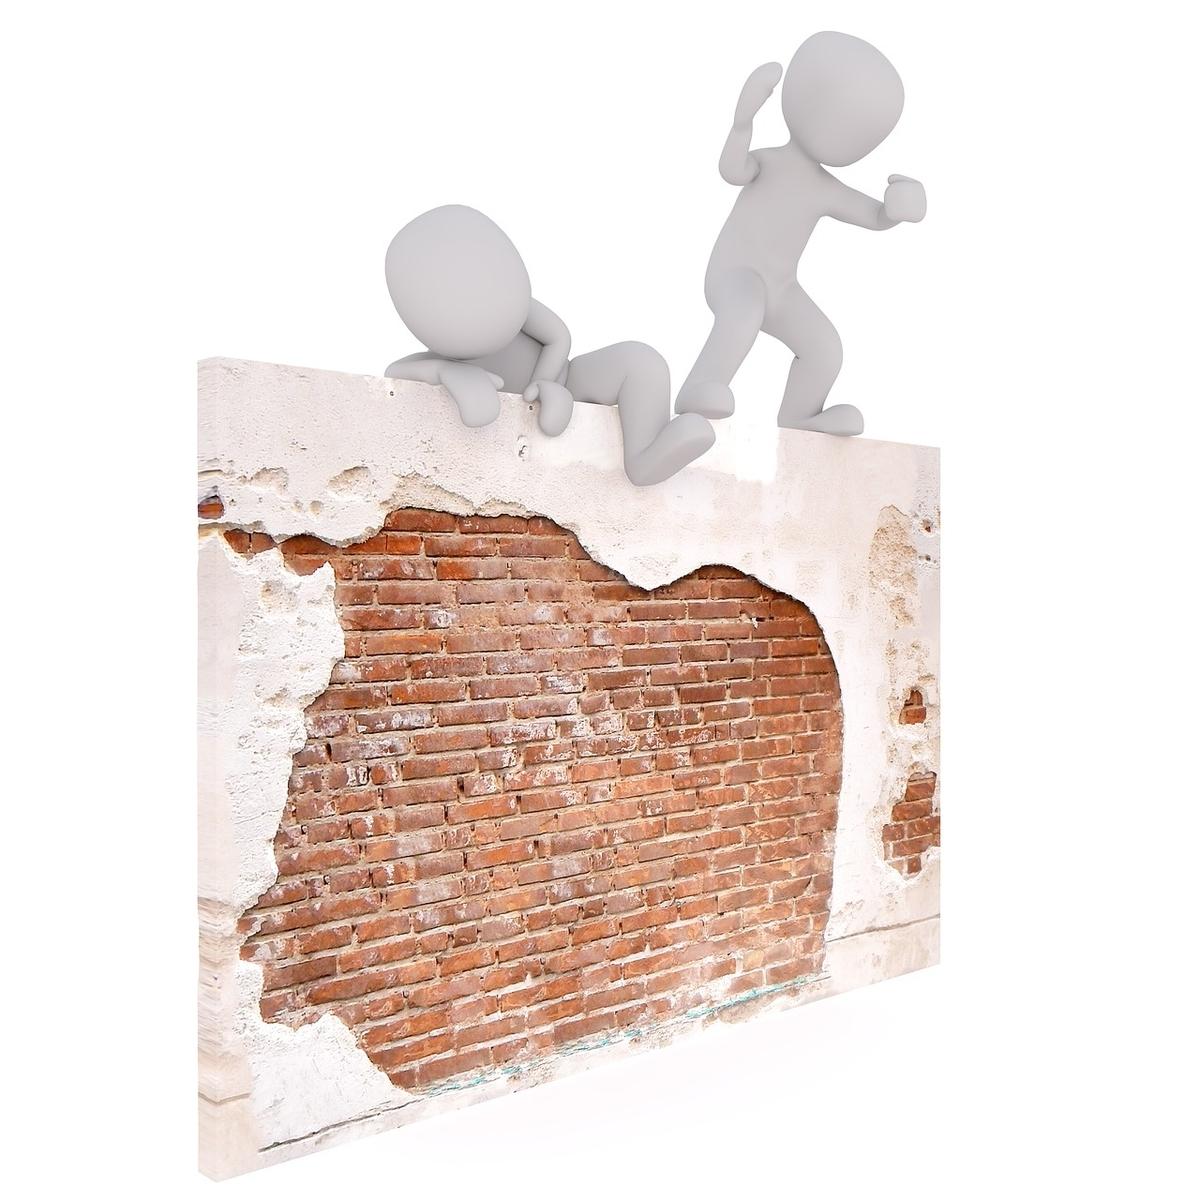 壁から脱出する人